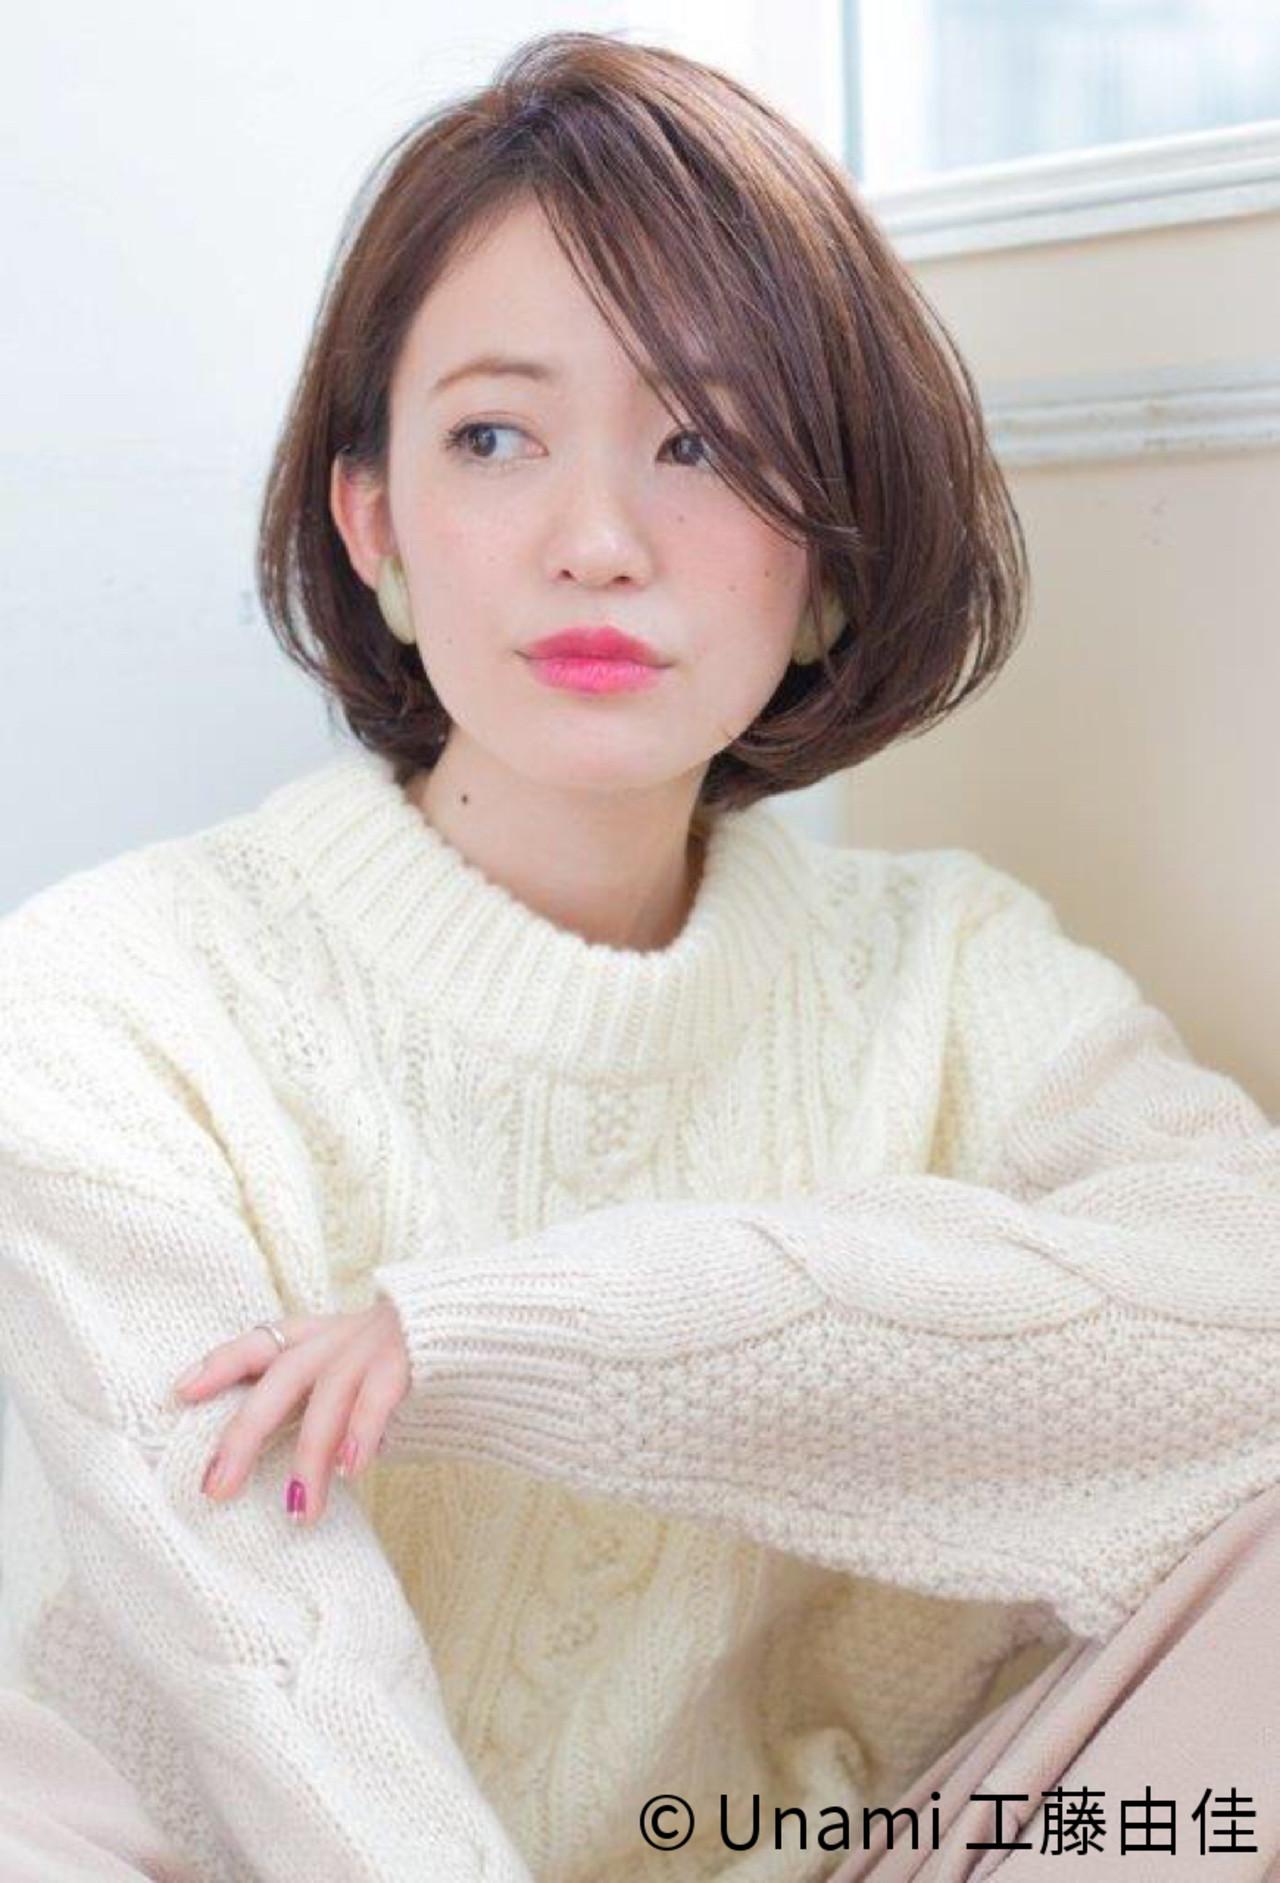 ボブ 小顔 大人女子 ナチュラル ヘアスタイルや髪型の写真・画像 | Unami 工藤由佳 / Unami omotesando